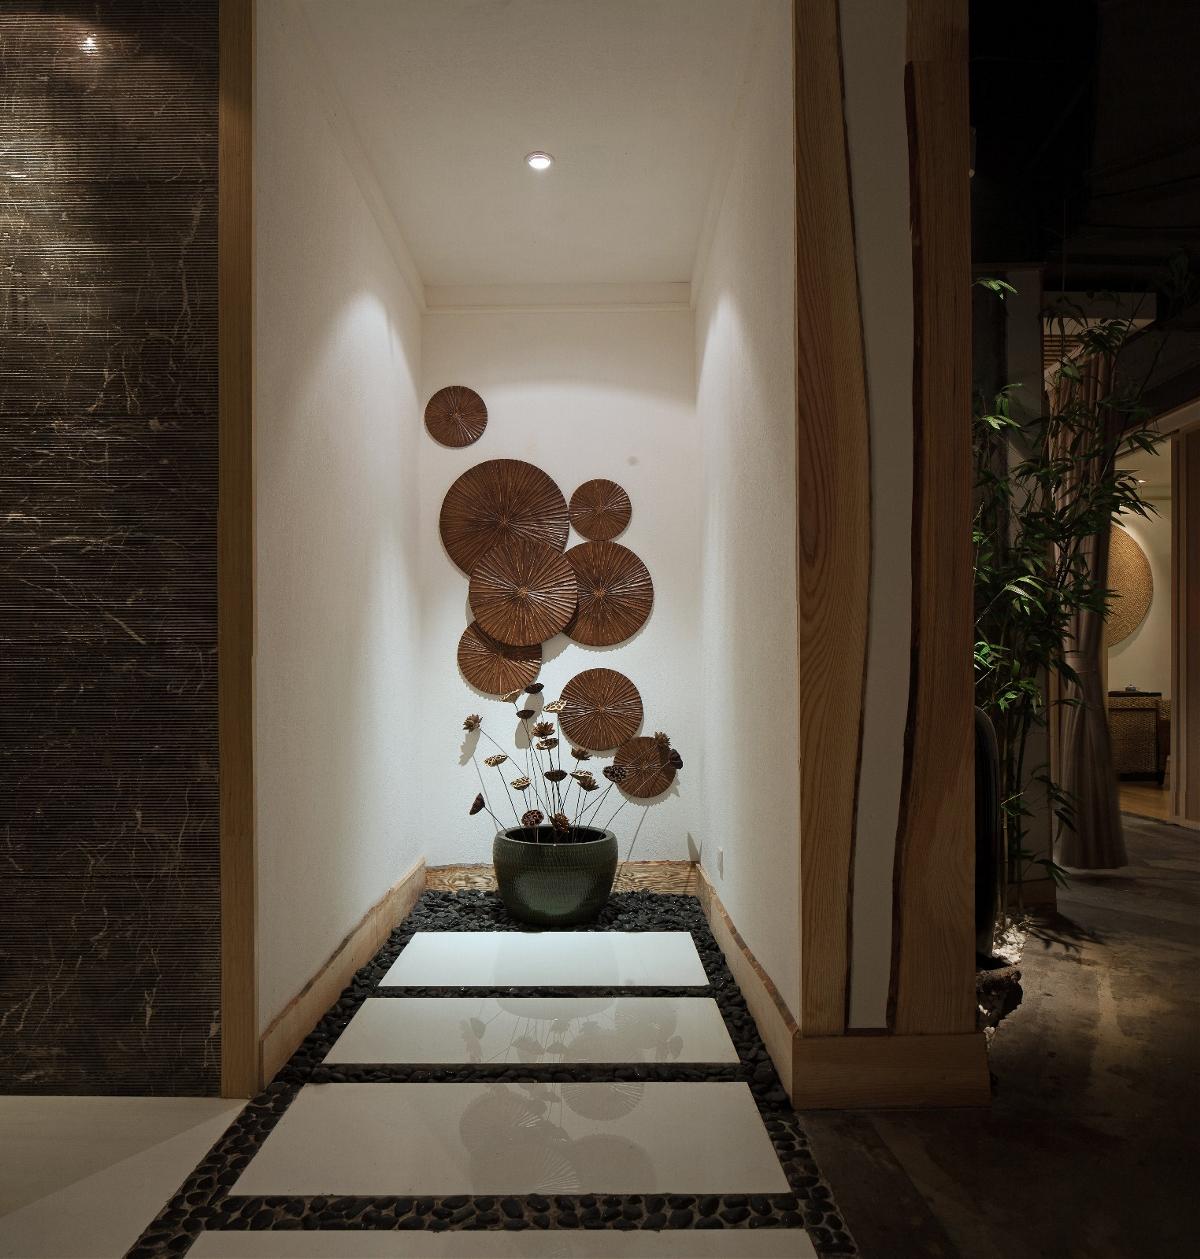 素芳斋素食餐厅-成都素食餐厅装修|成都素食餐厅设计公司|龙泉|温江|新都|郫县素食餐厅设计公司